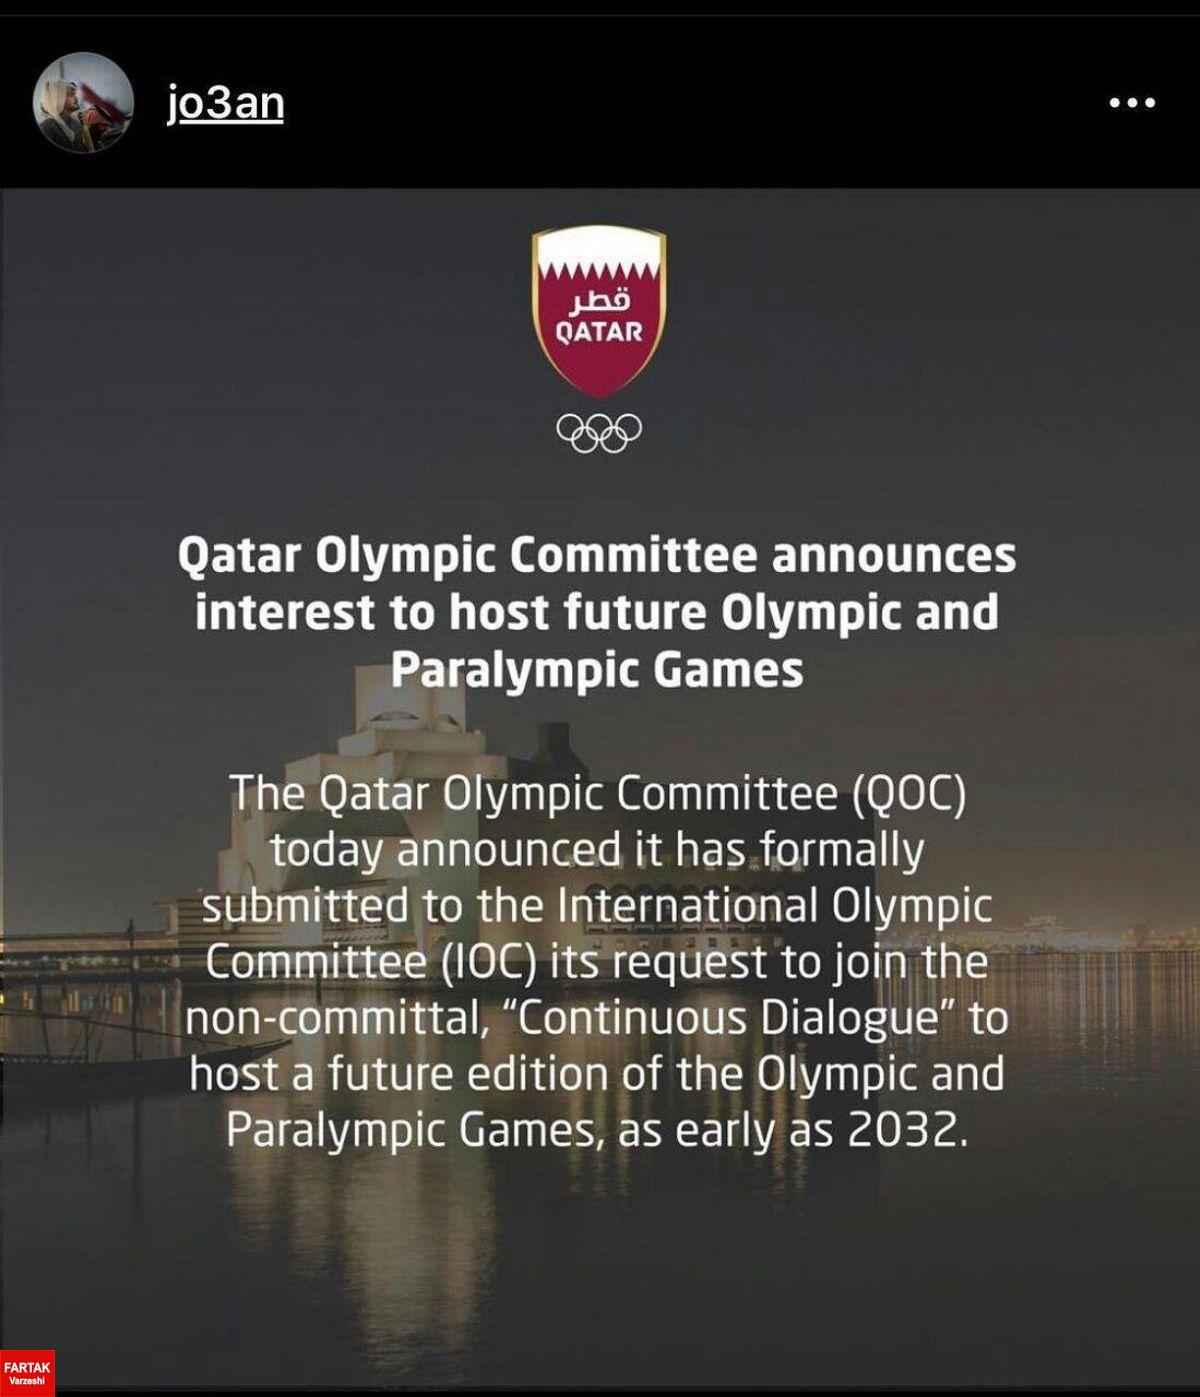 اعلام آمادگی قطر برای برگزاری المپیک و پارا المپیک